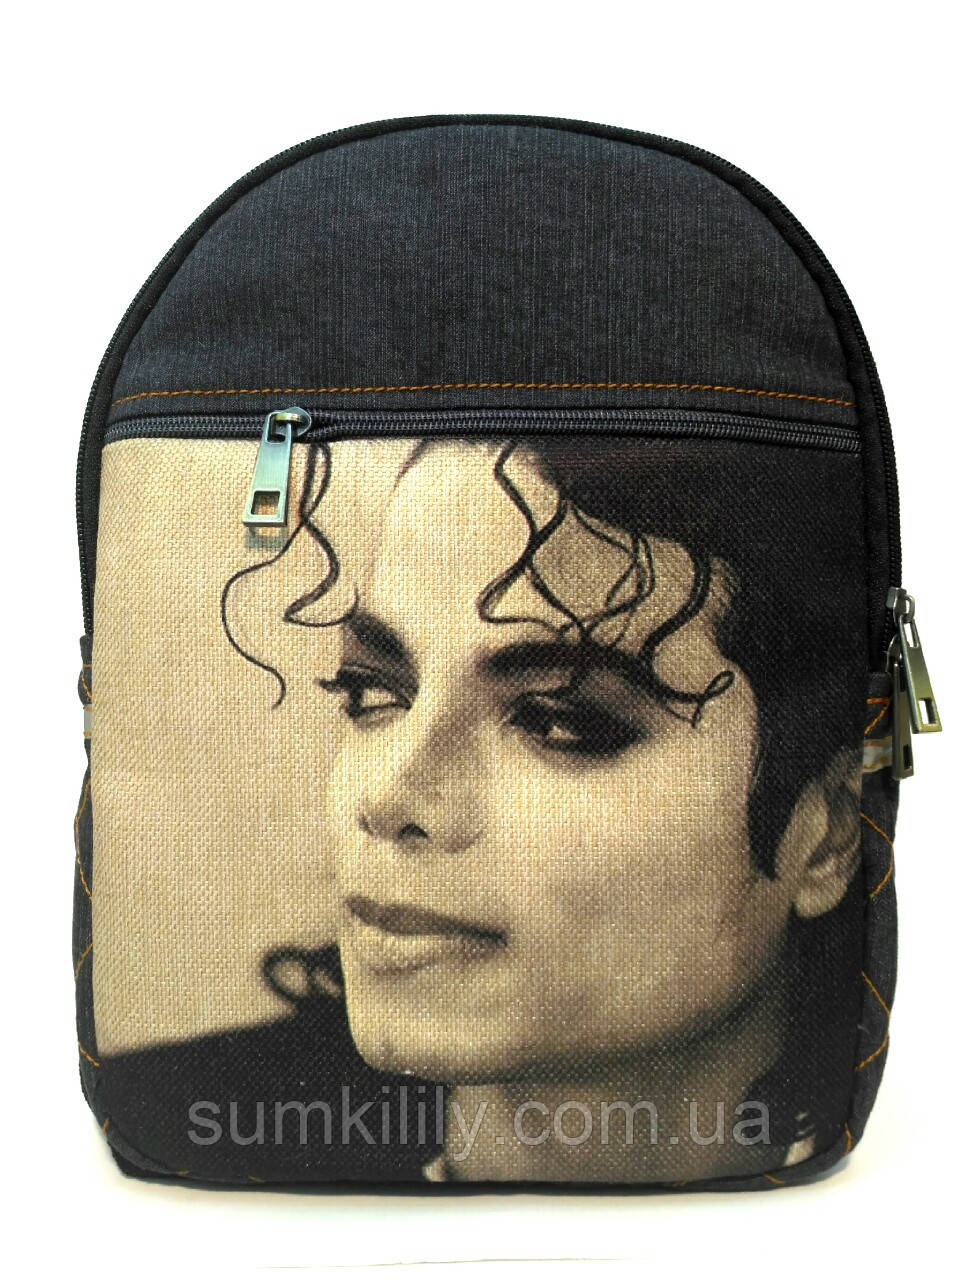 Джинсовый Рюкзак Майкл Джексон 10, фото 1